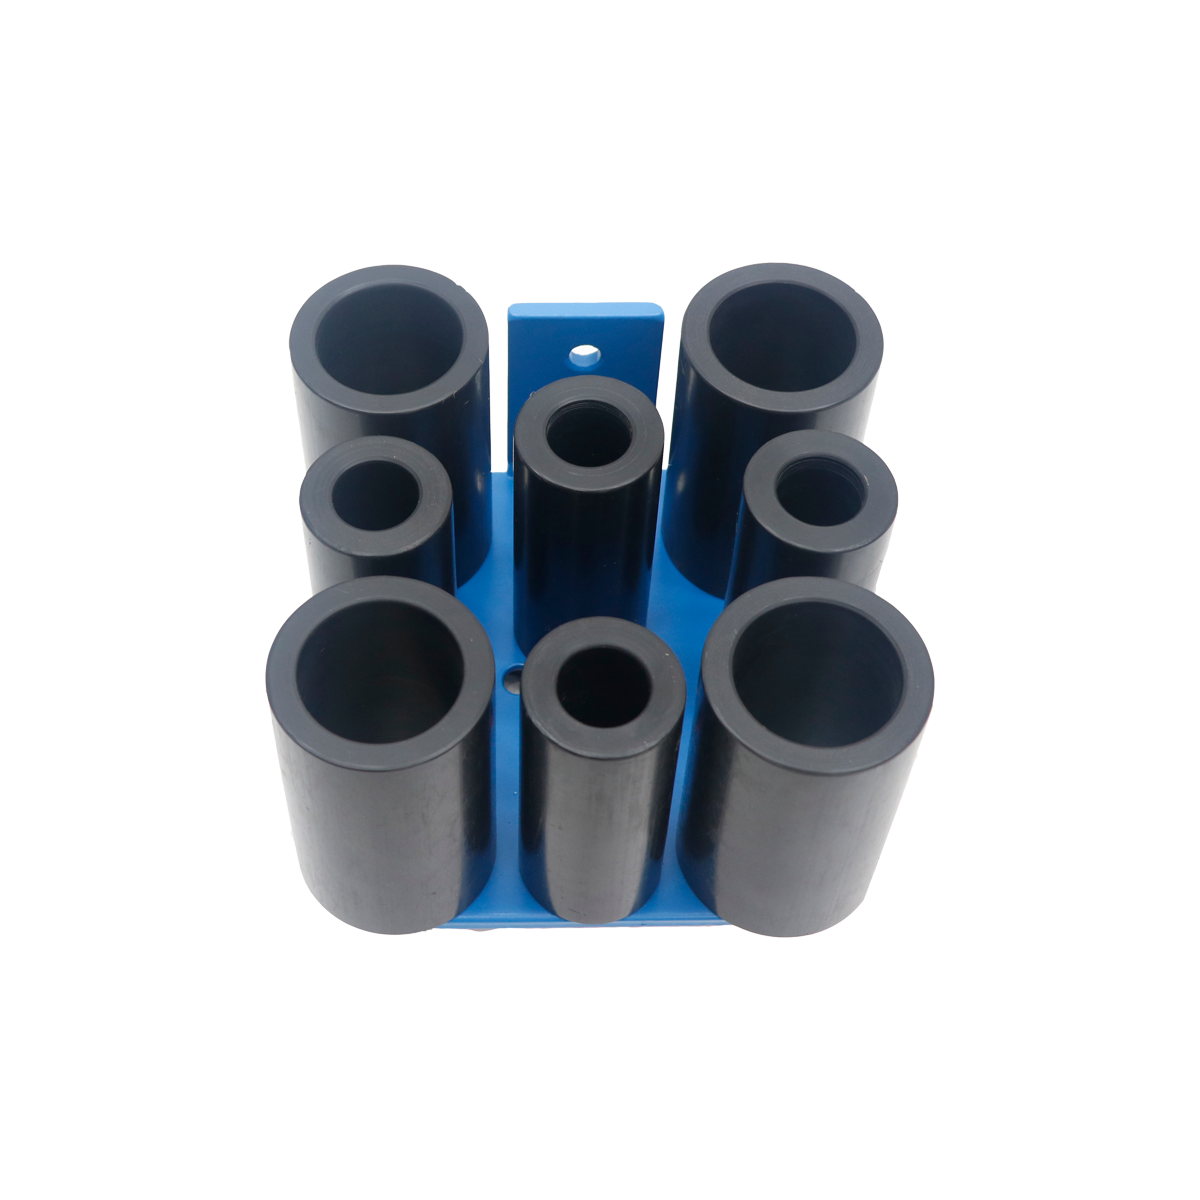 Θήκη Μπαρών 200x200x120mm 5 - Φ50 & 3 - Φ27